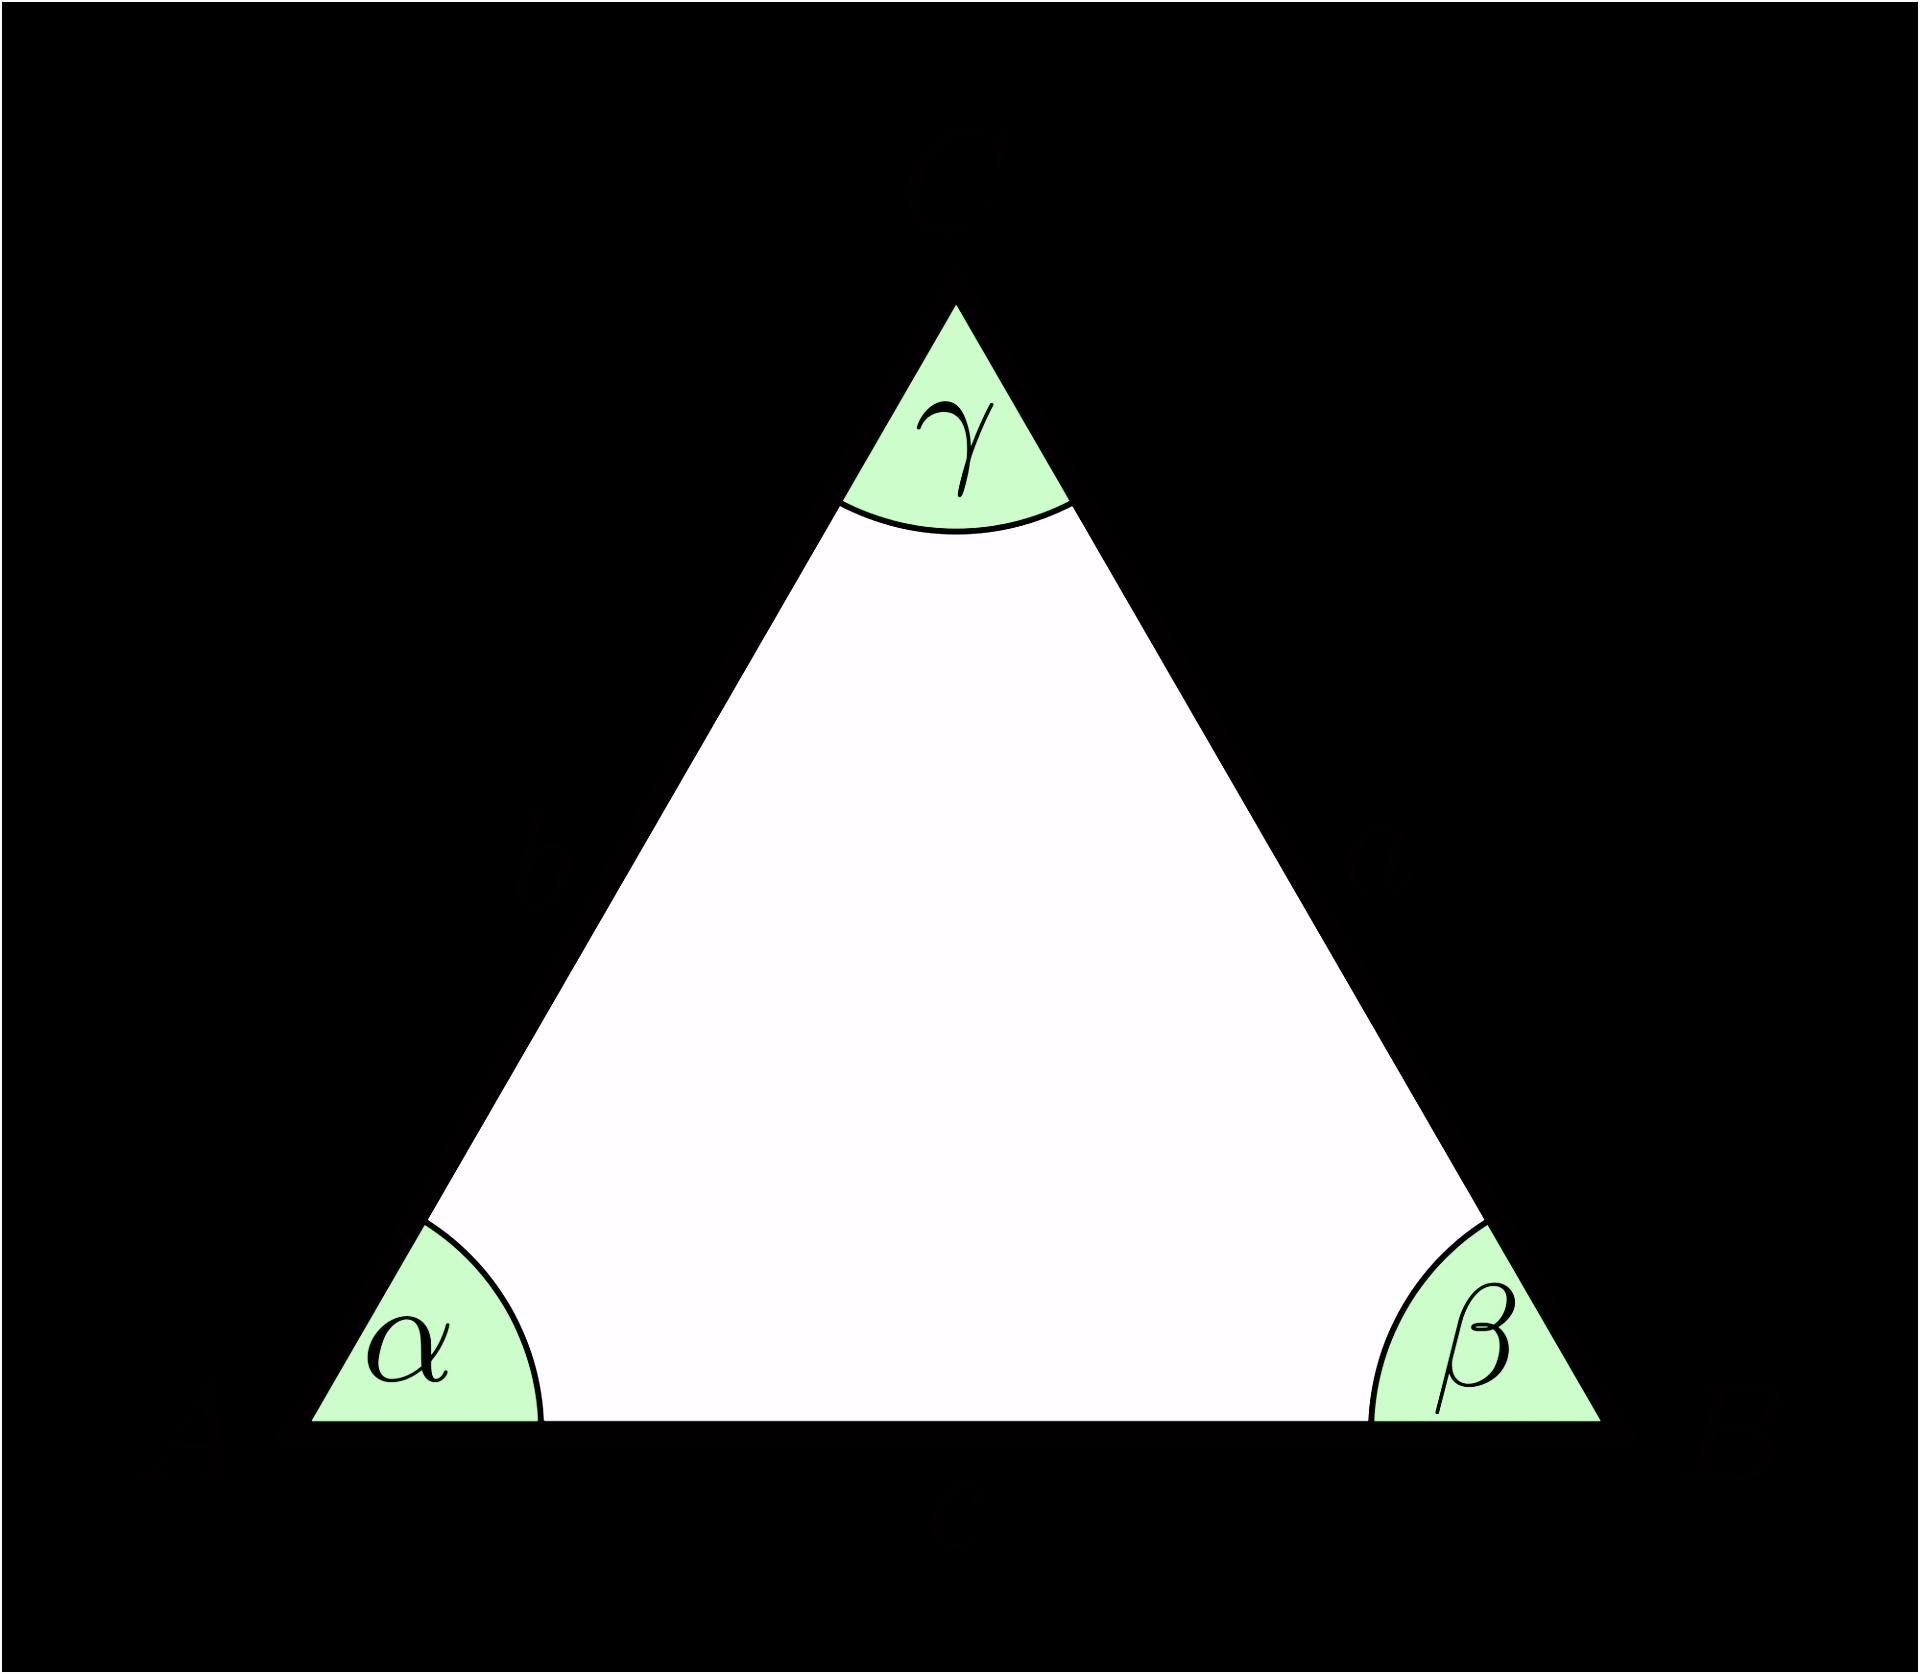 Winkel Berechnen Excel Vorlage Dreieck – Z3ie01hfc2 F5jz6setrv